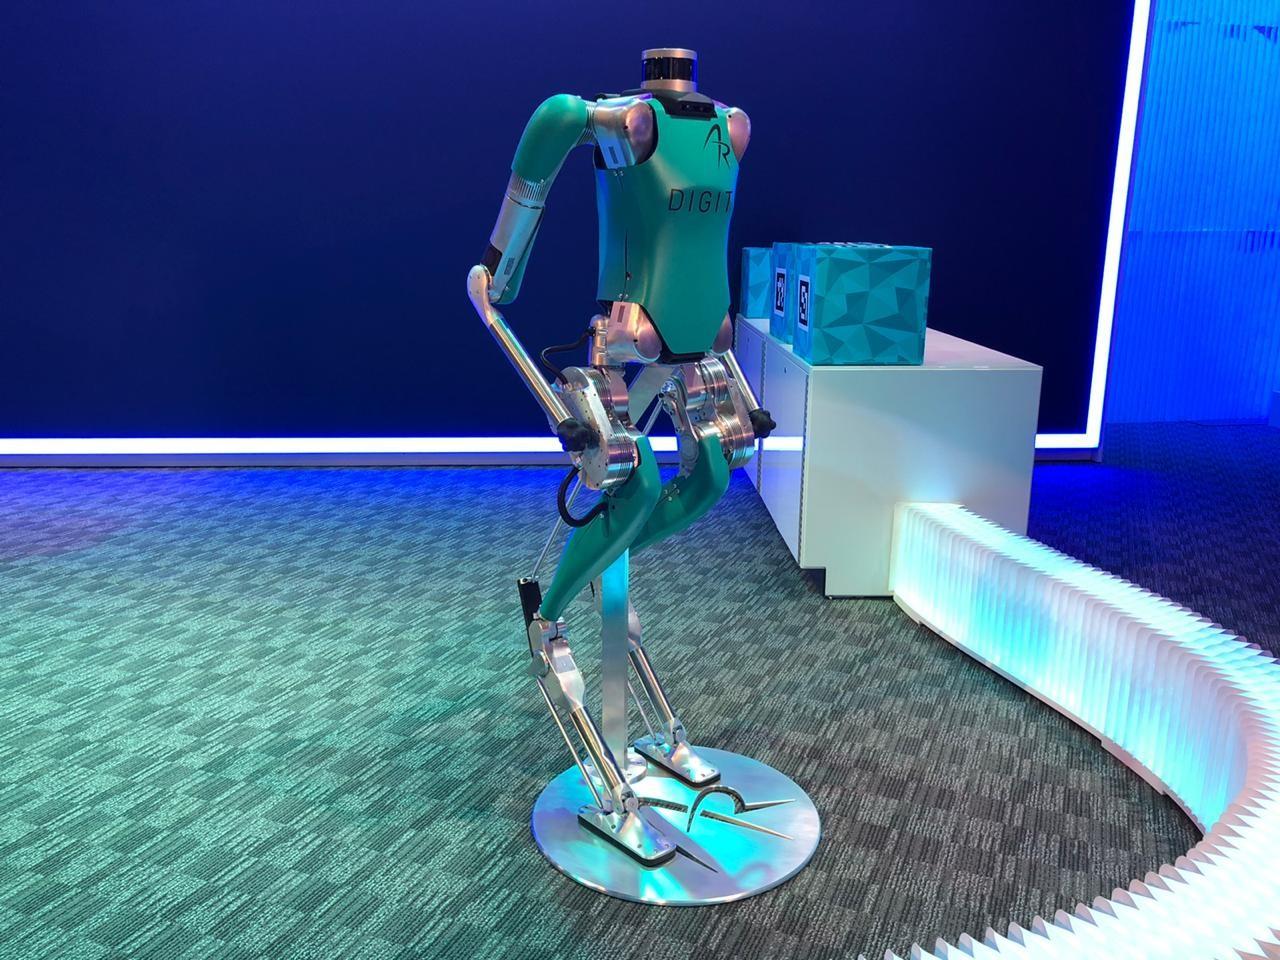 Batizado de Digit, o robô consegue fazer entregas e será passageiro do carro autônomo (Foto: Michelle Ferreira)